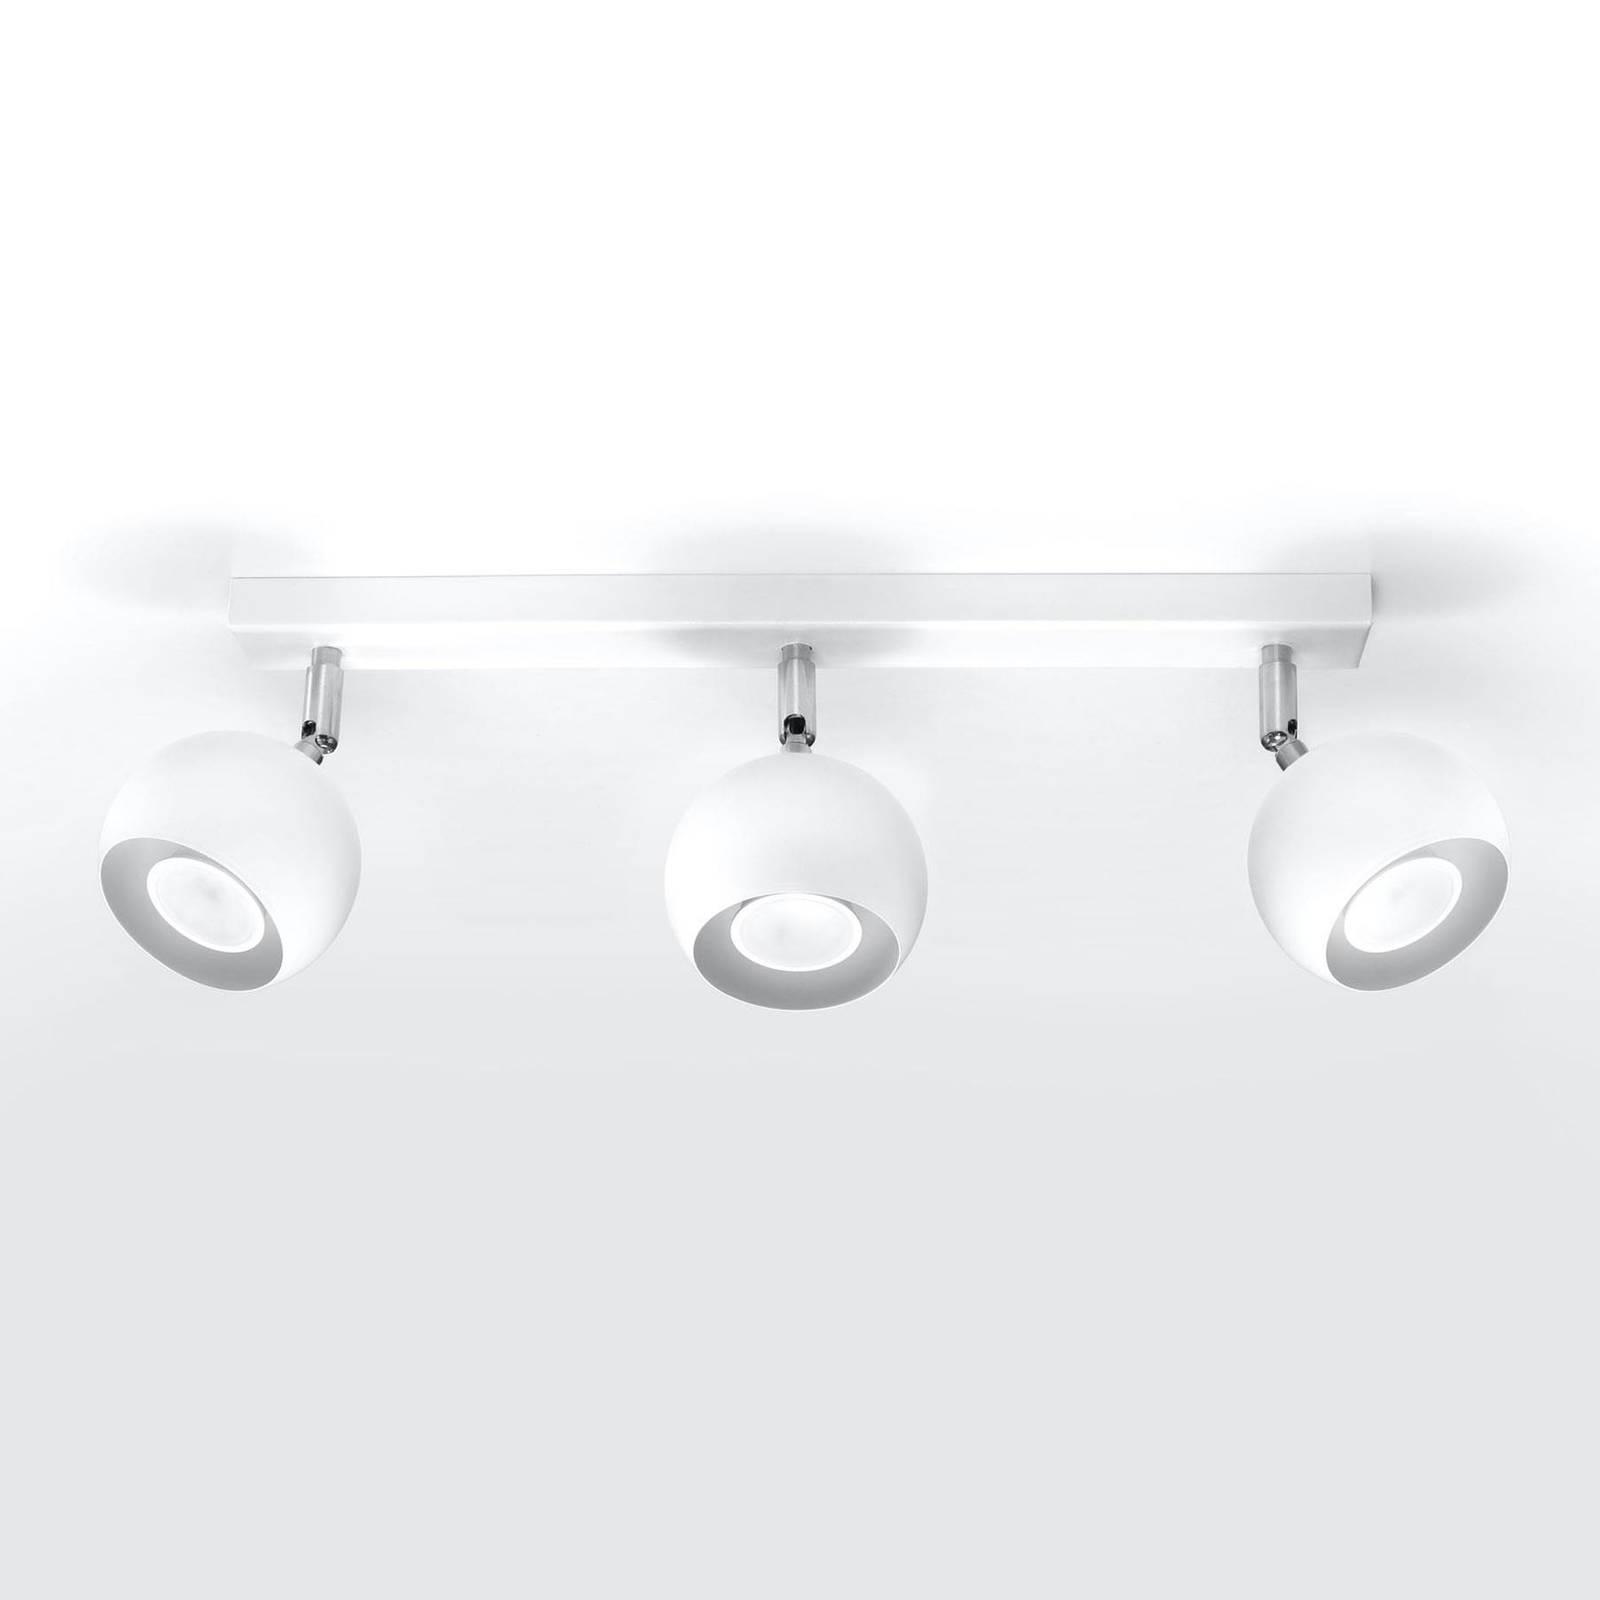 Kattokohdevalo Flame, valkoinen, 3-lamppuinen